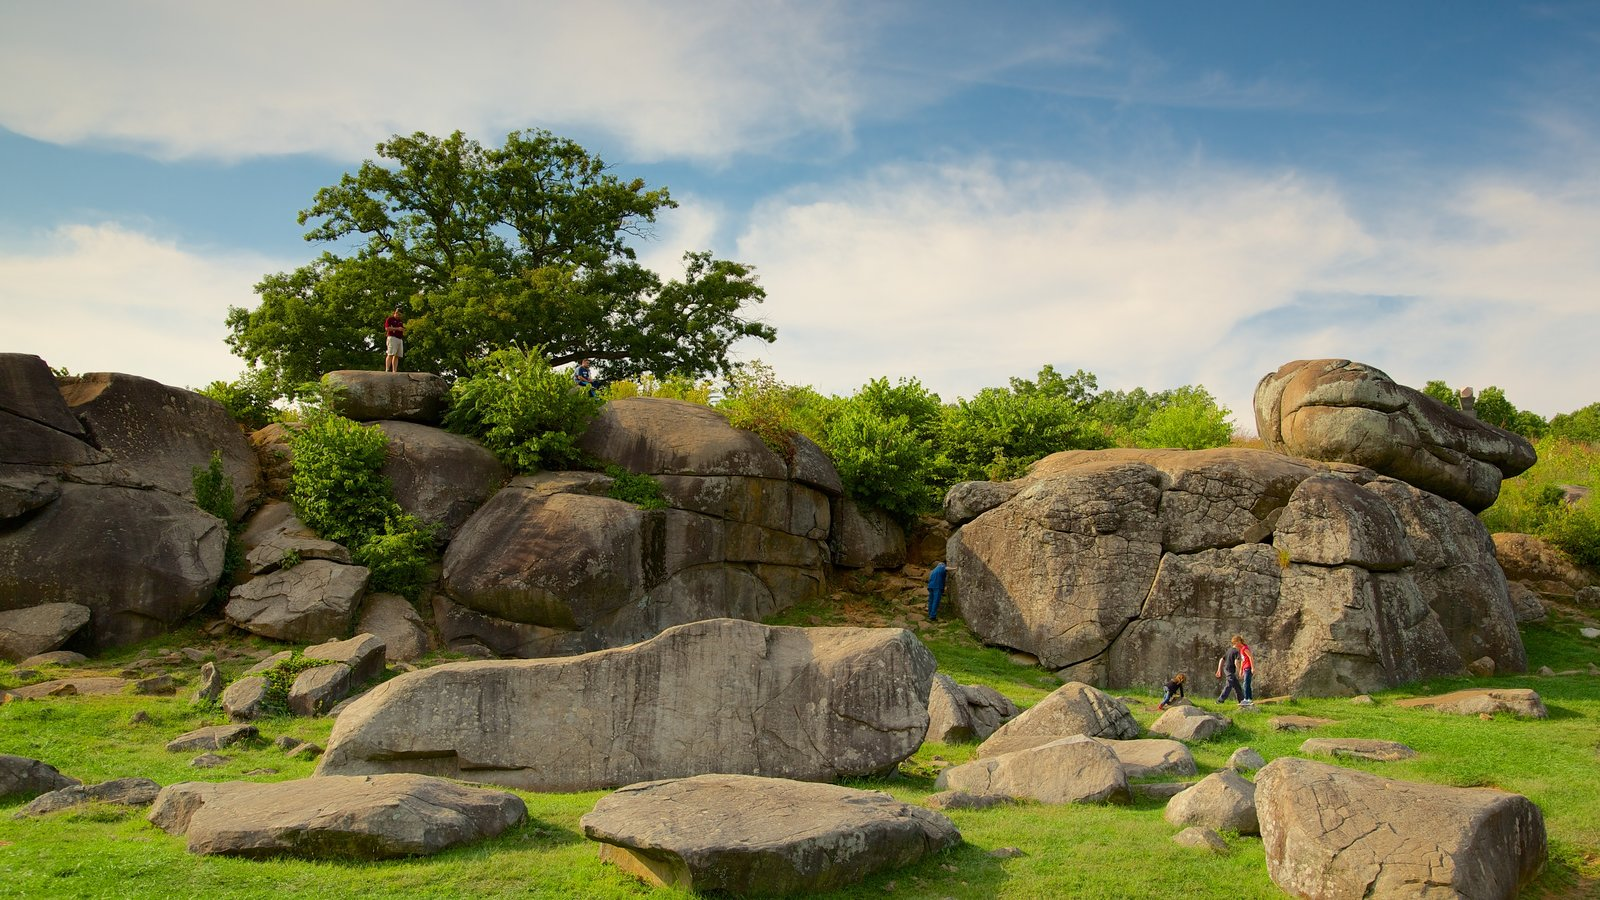 Gettysburg National Military Park mostrando um parque assim como um pequeno grupo de pessoas